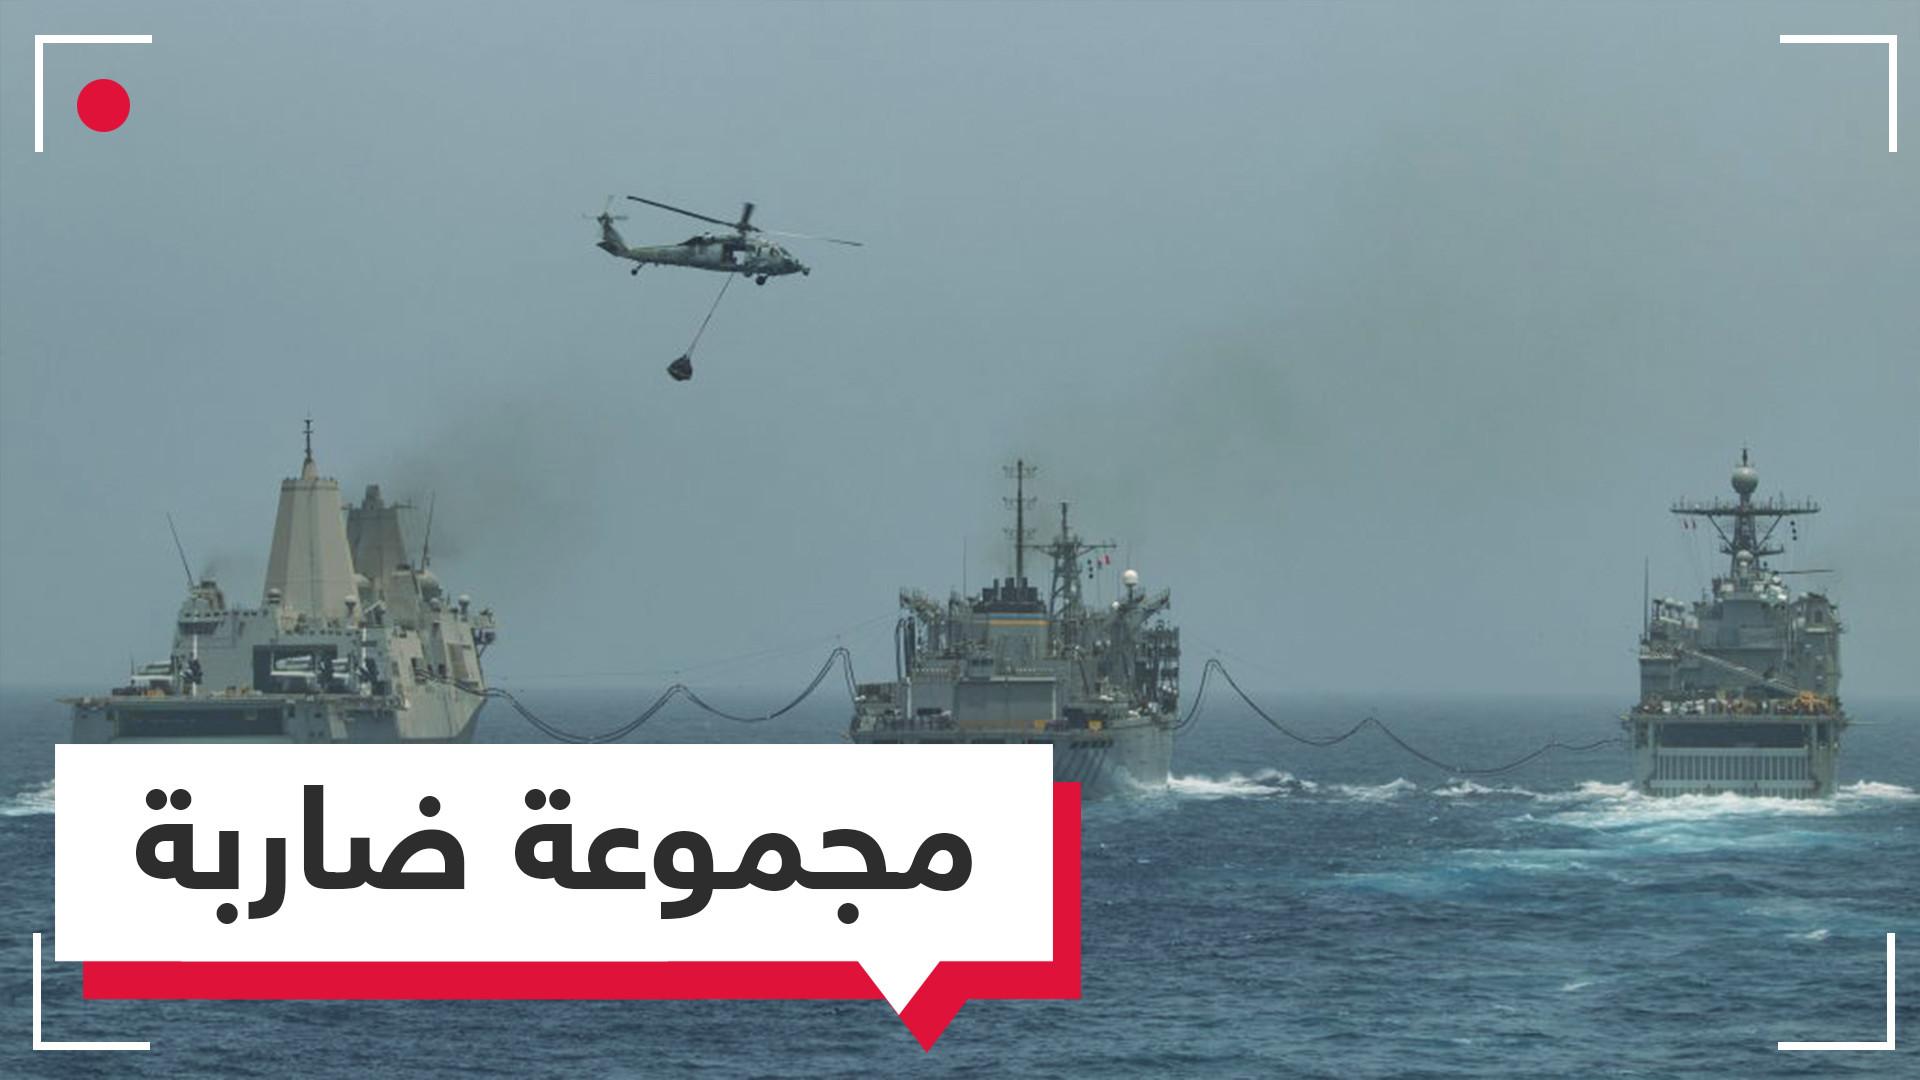 مجموعات أمريكية هجومية في الشرق الأوسط.. ماذا تدبر واشنطن؟